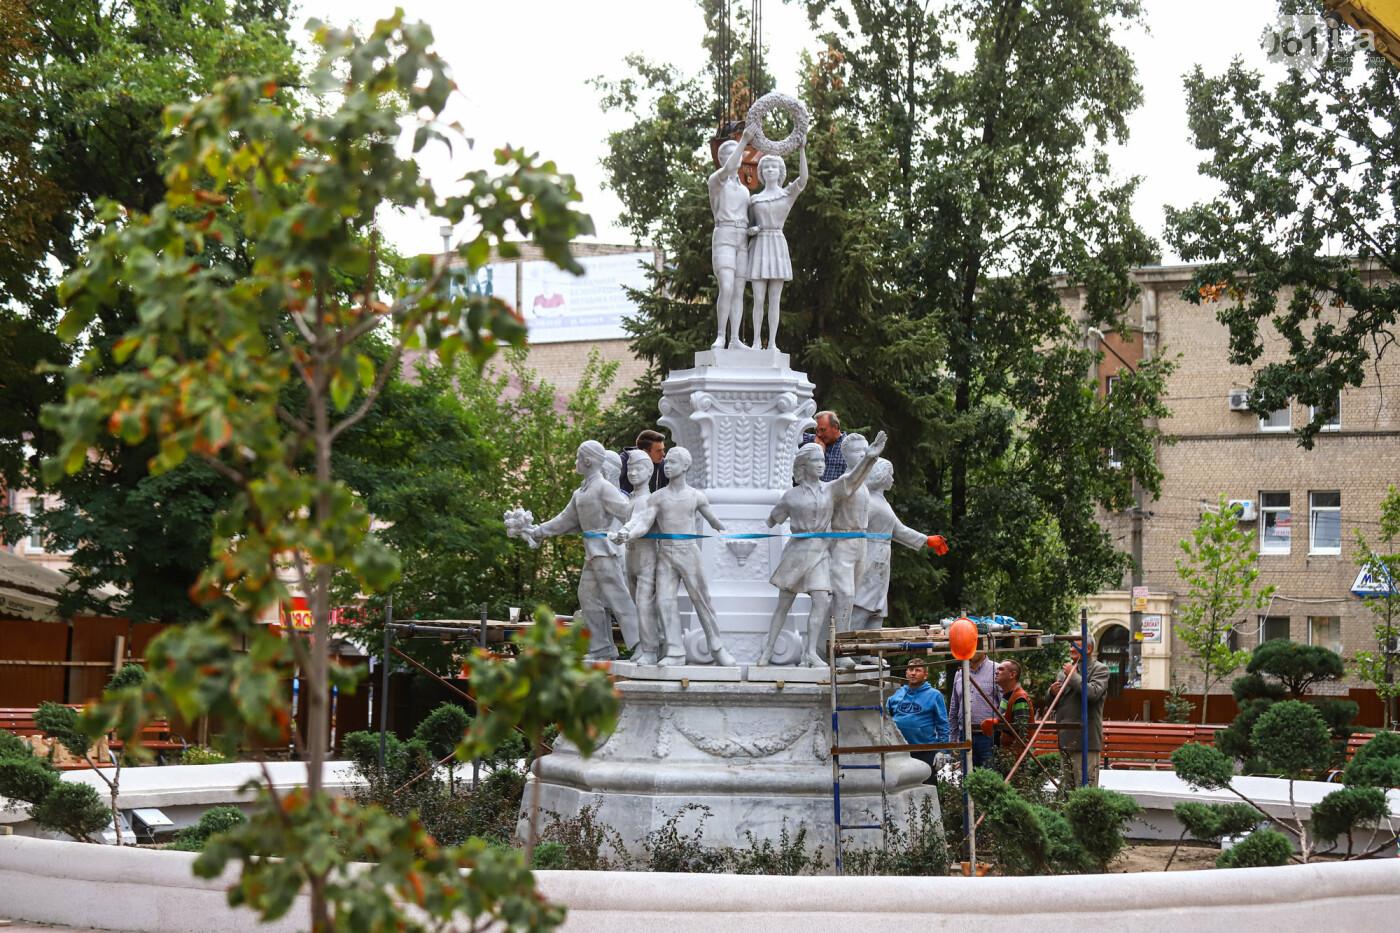 ЛГБТ-прайд, эко-митинг и восстановленные скульптуры в сквере Пионеров: сентябрь в фотографиях , фото-145